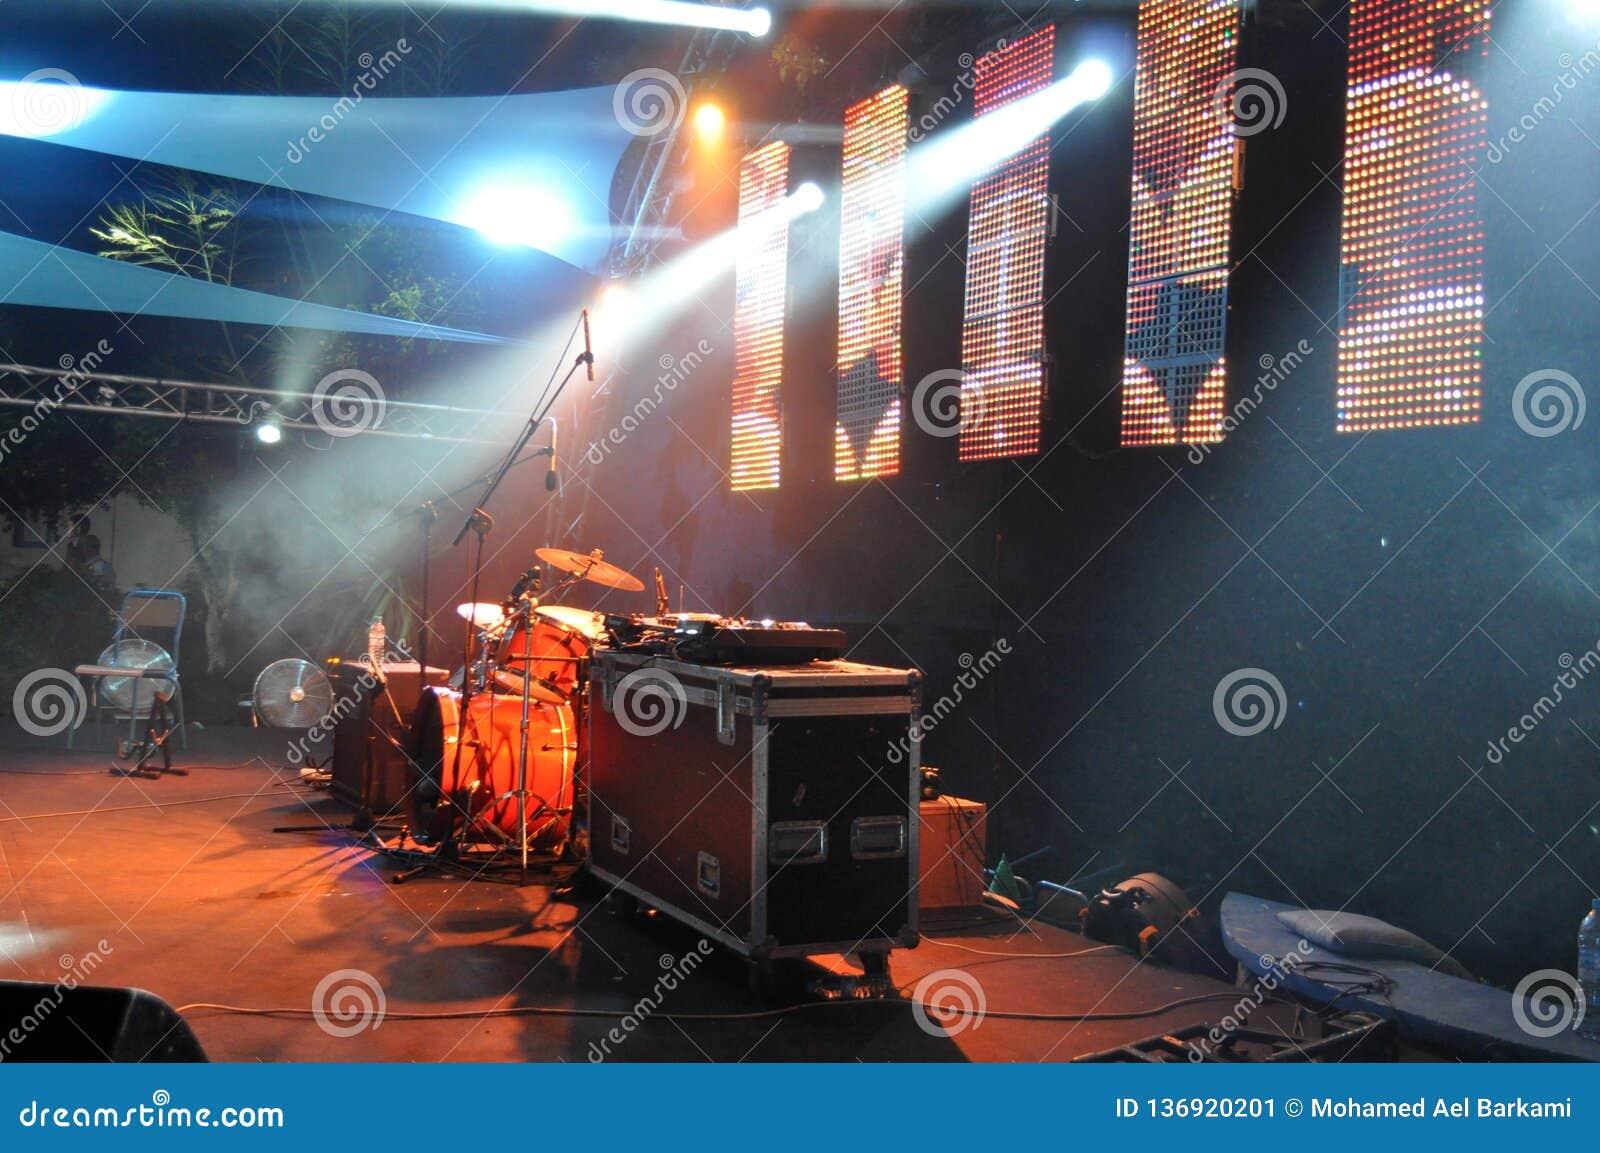 Concierto - festival de música - imagen